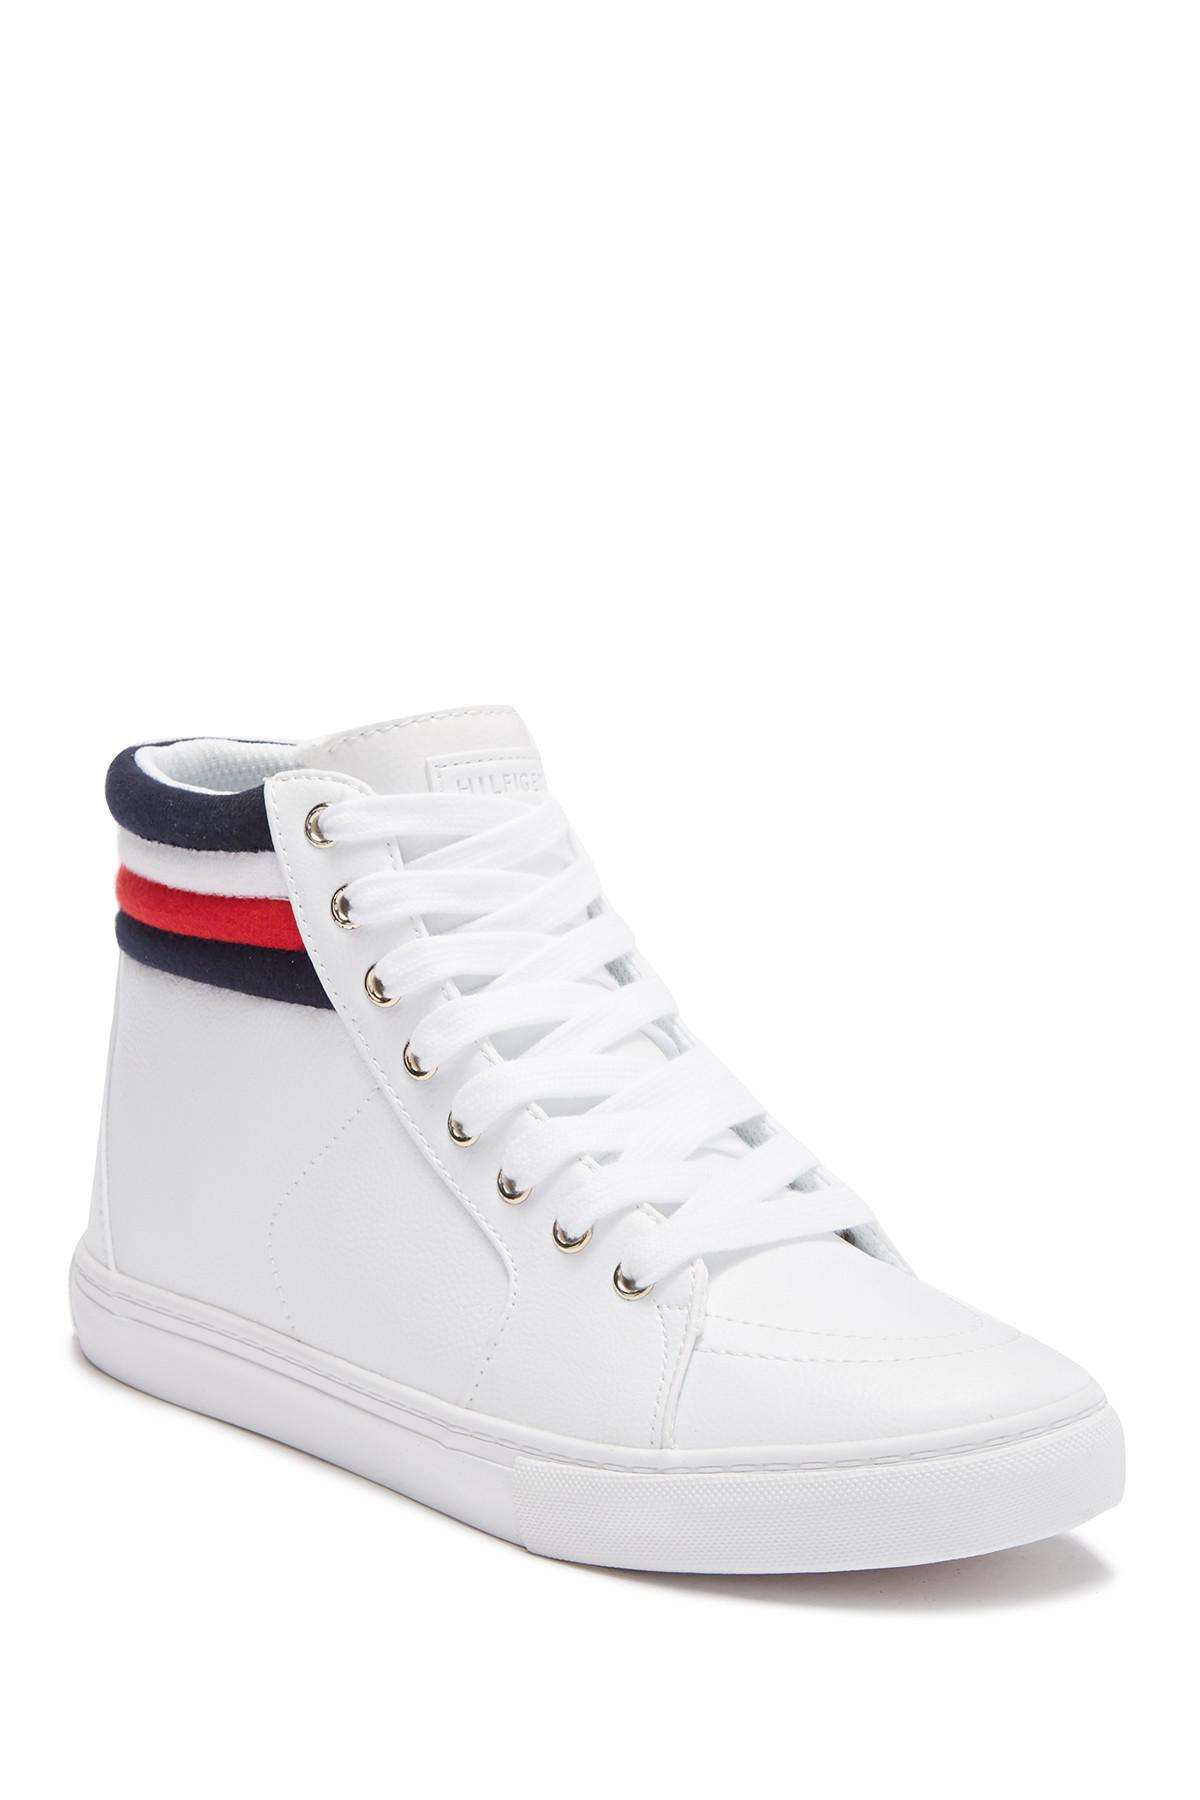 a2115bba3b57a Tommy Hilfiger. Women s White Lowgen High Top Sneaker